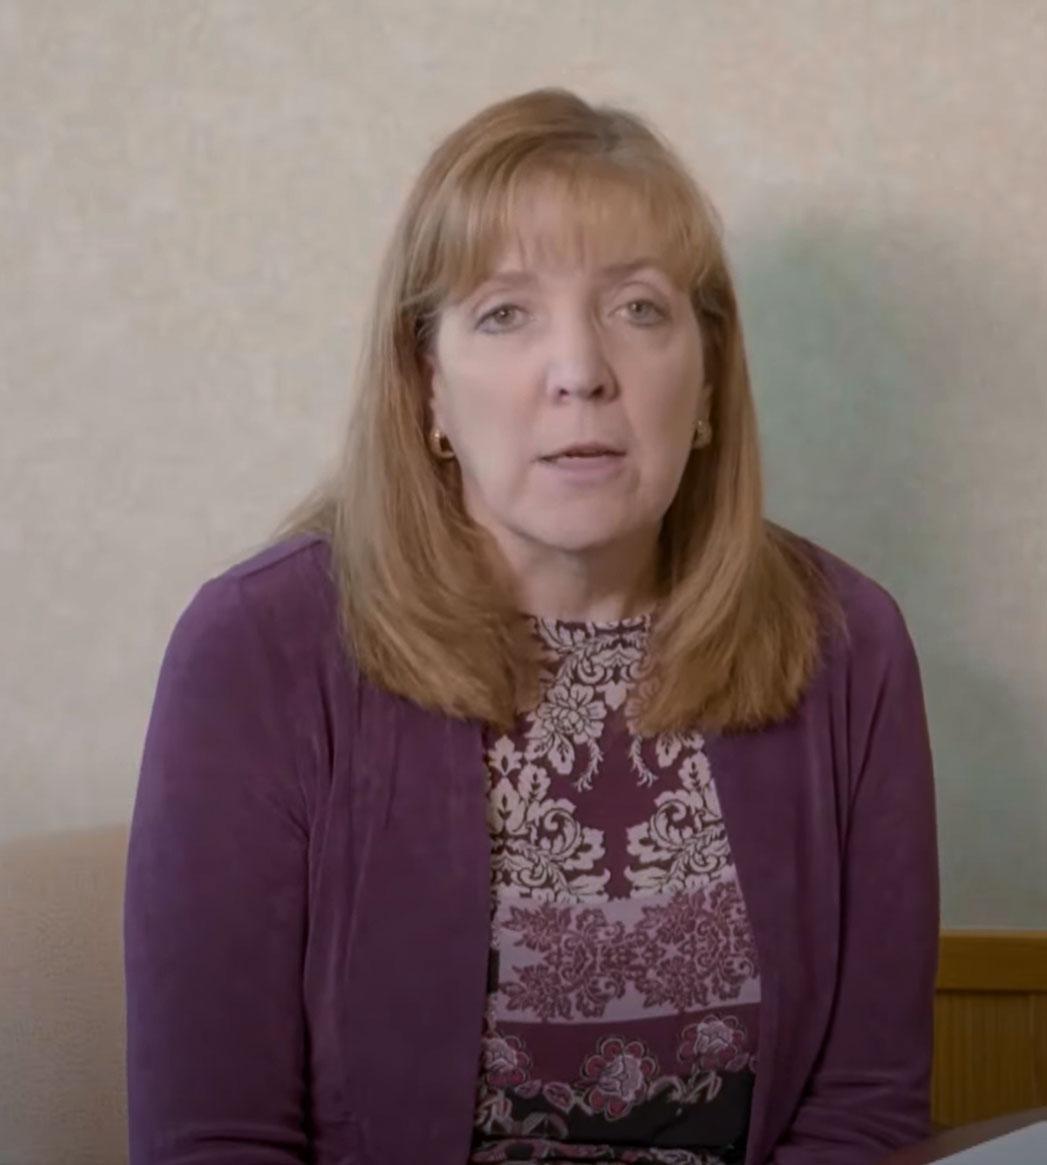 Department of Health Services Deputy Secretary Julie Willems Van Dijk